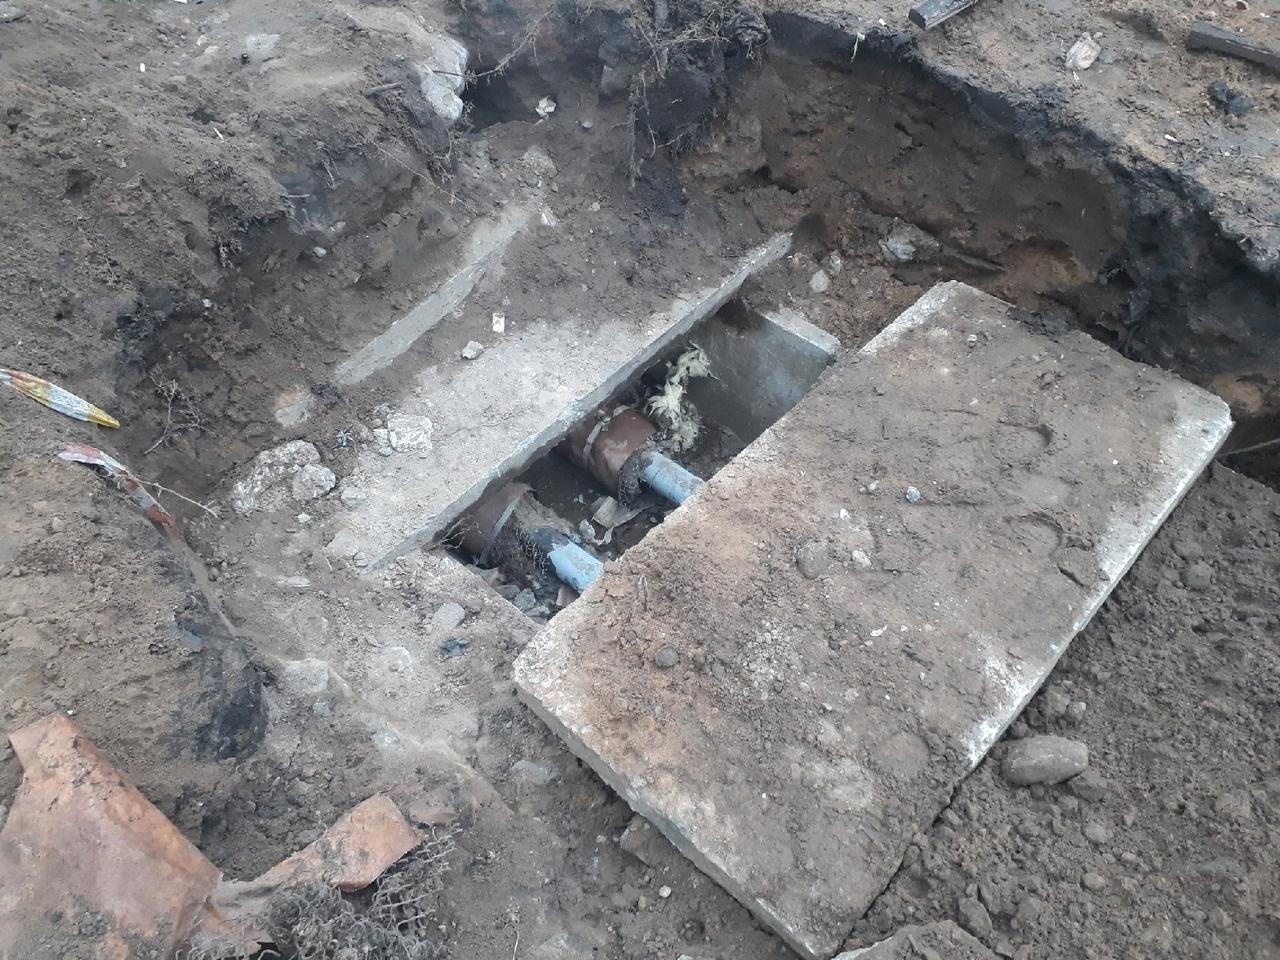 Теплотрассу в Твери не закопают, пока не достанут из неё котят